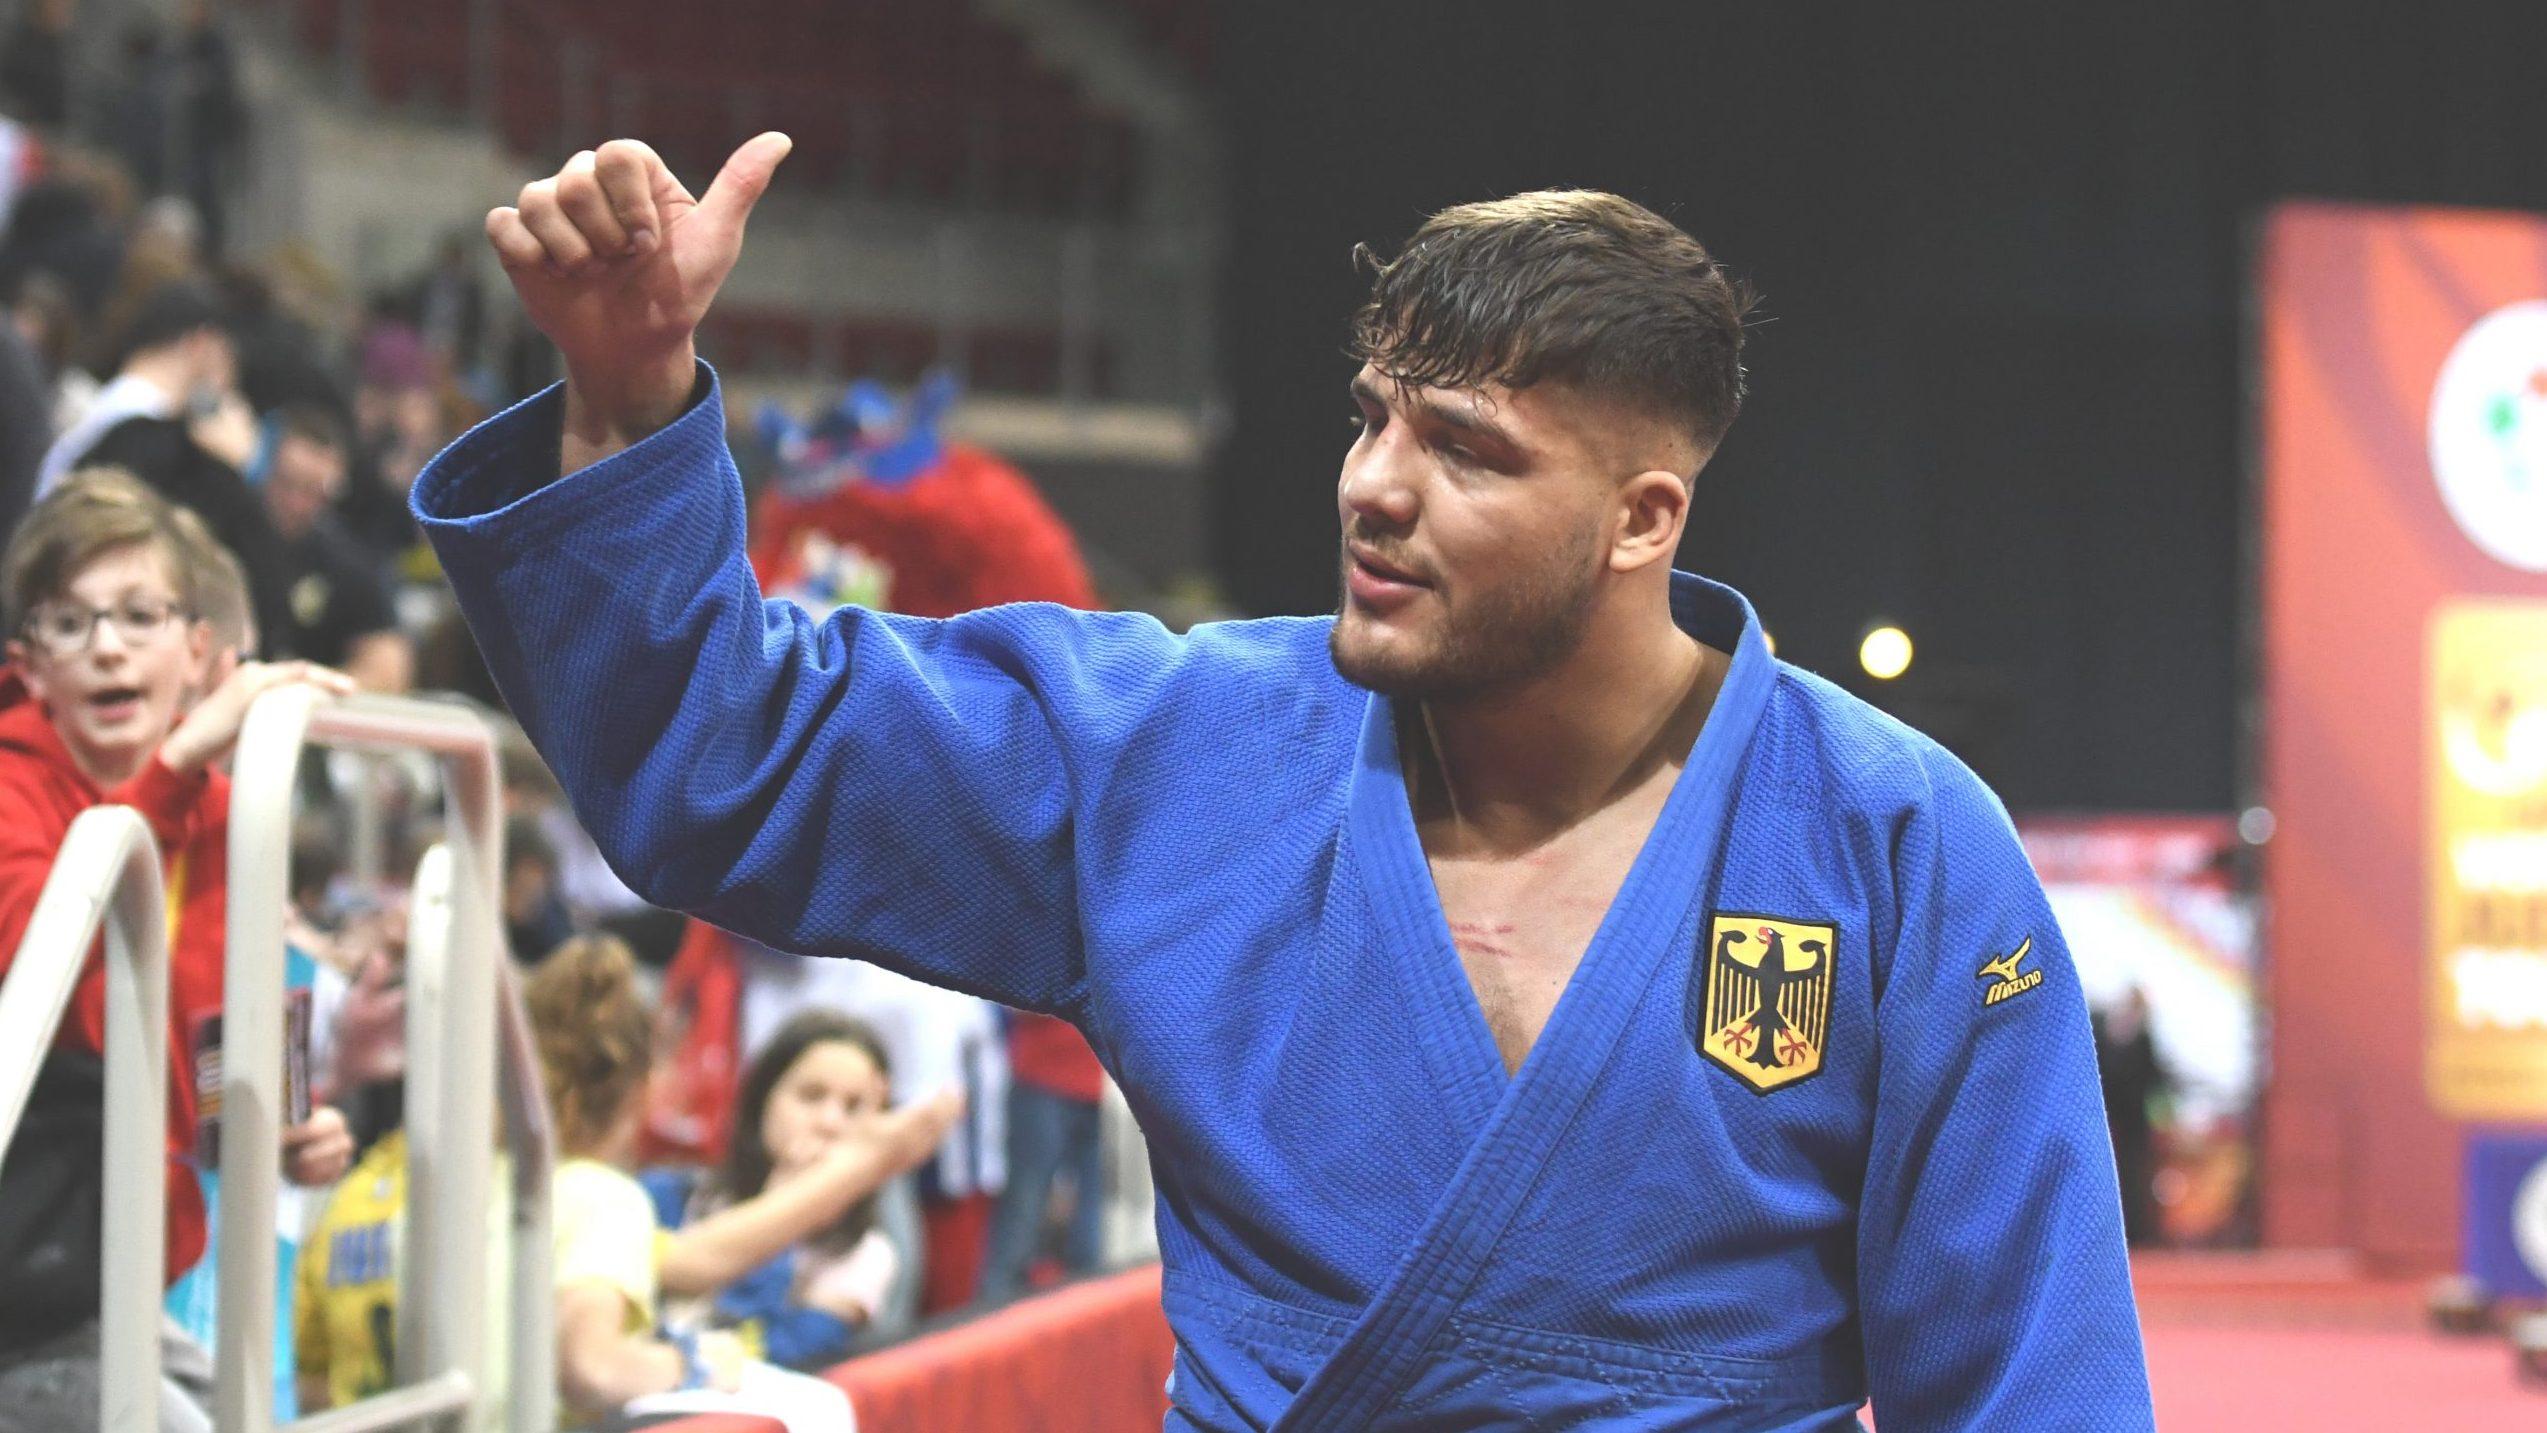 Frey: Olympia ist mein großer Traum*Judoka holt Bronze bei Vorbereitungsturnier